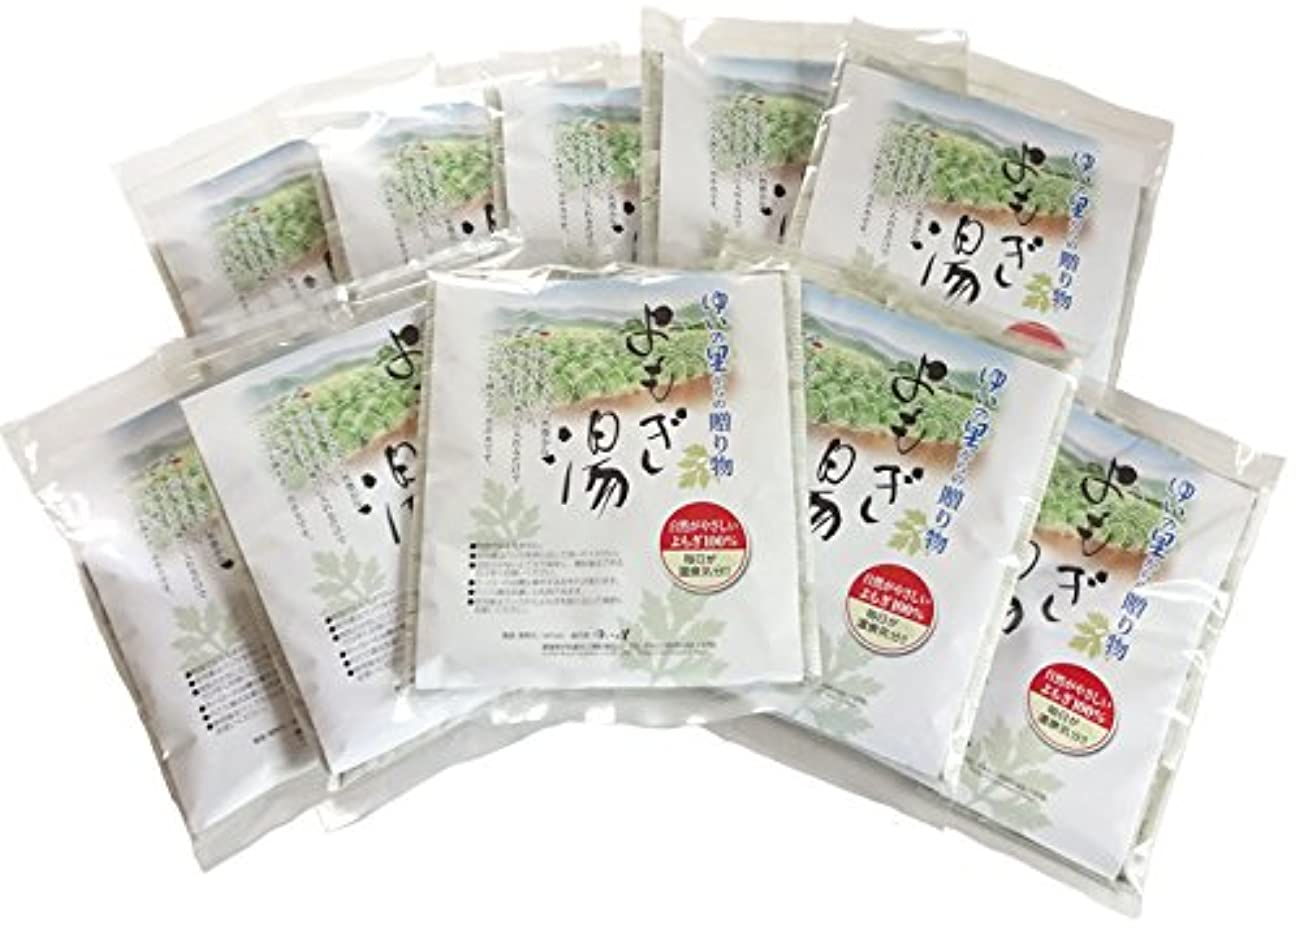 一見有害ロシアよもぎ湯入浴パック15袋 愛媛県産 自家栽培よもぎ100%使用